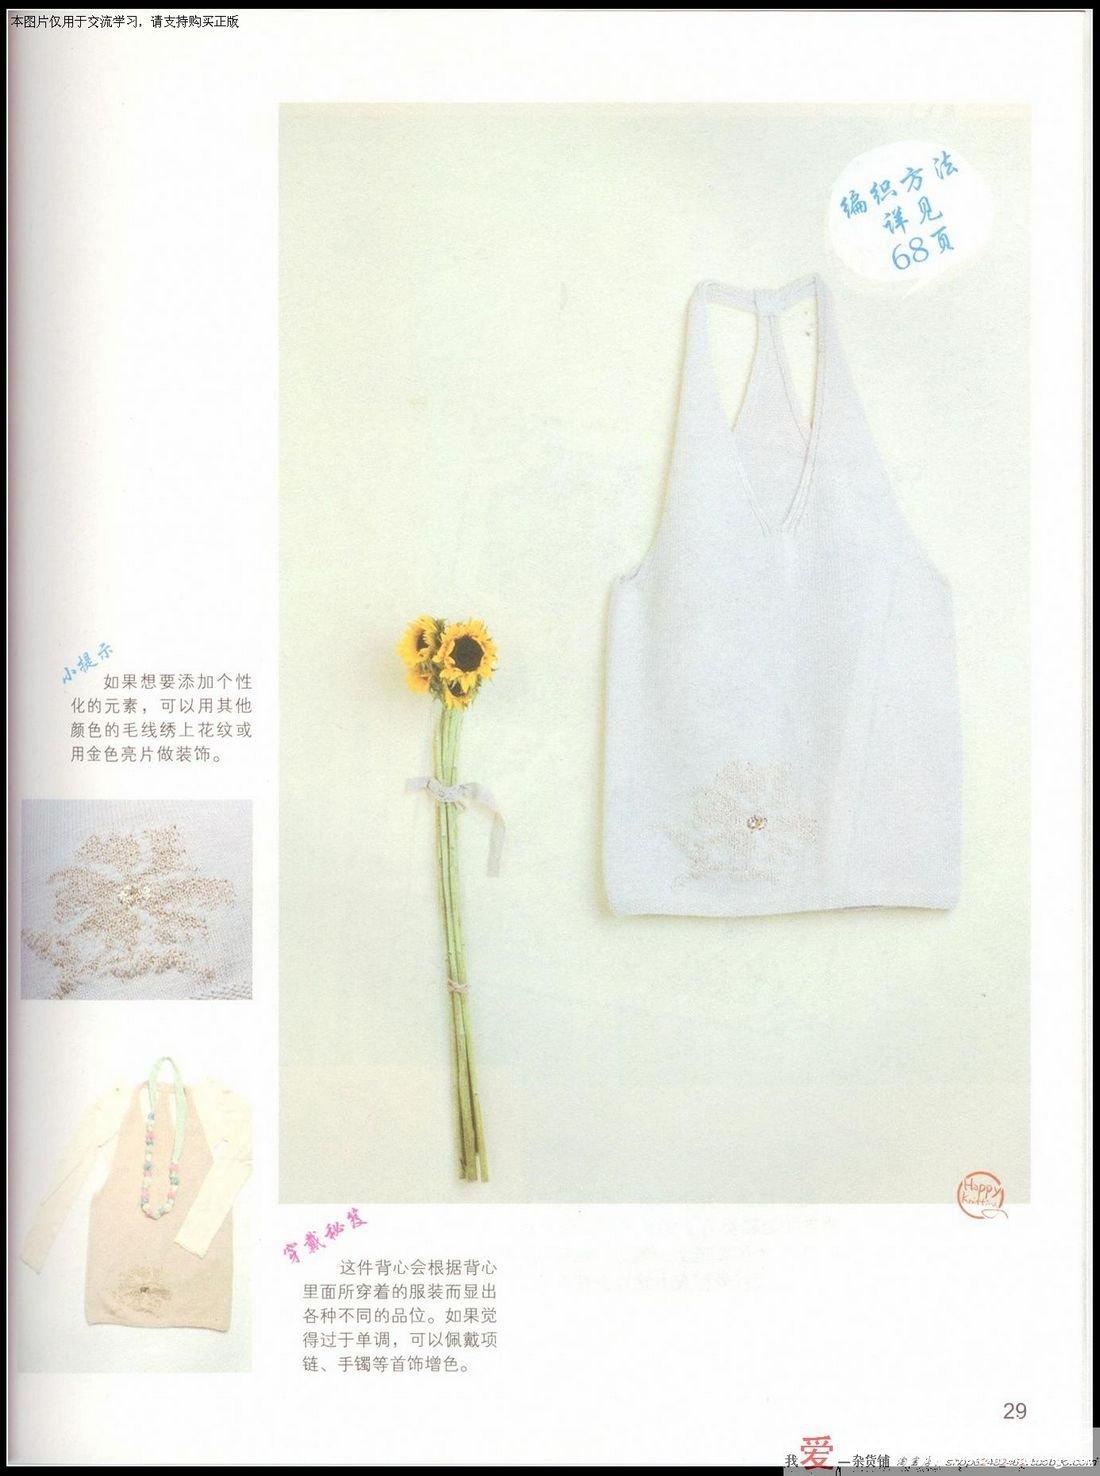 明星服饰亲手织 (29).jpg